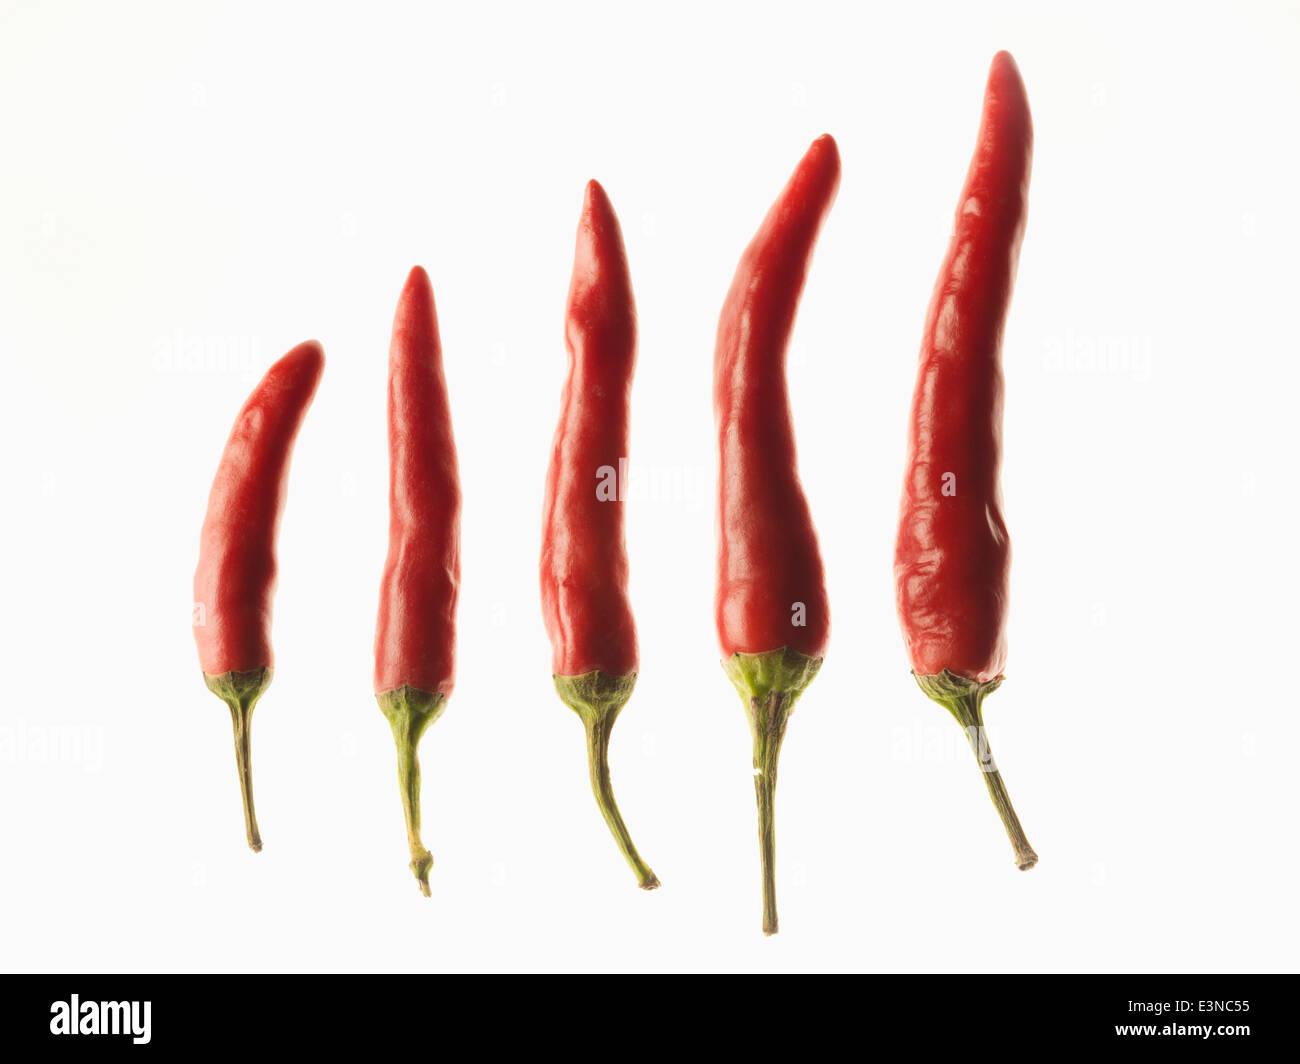 Piments rouges dans l'ordre de grandeur sur fond blanc Photo Stock